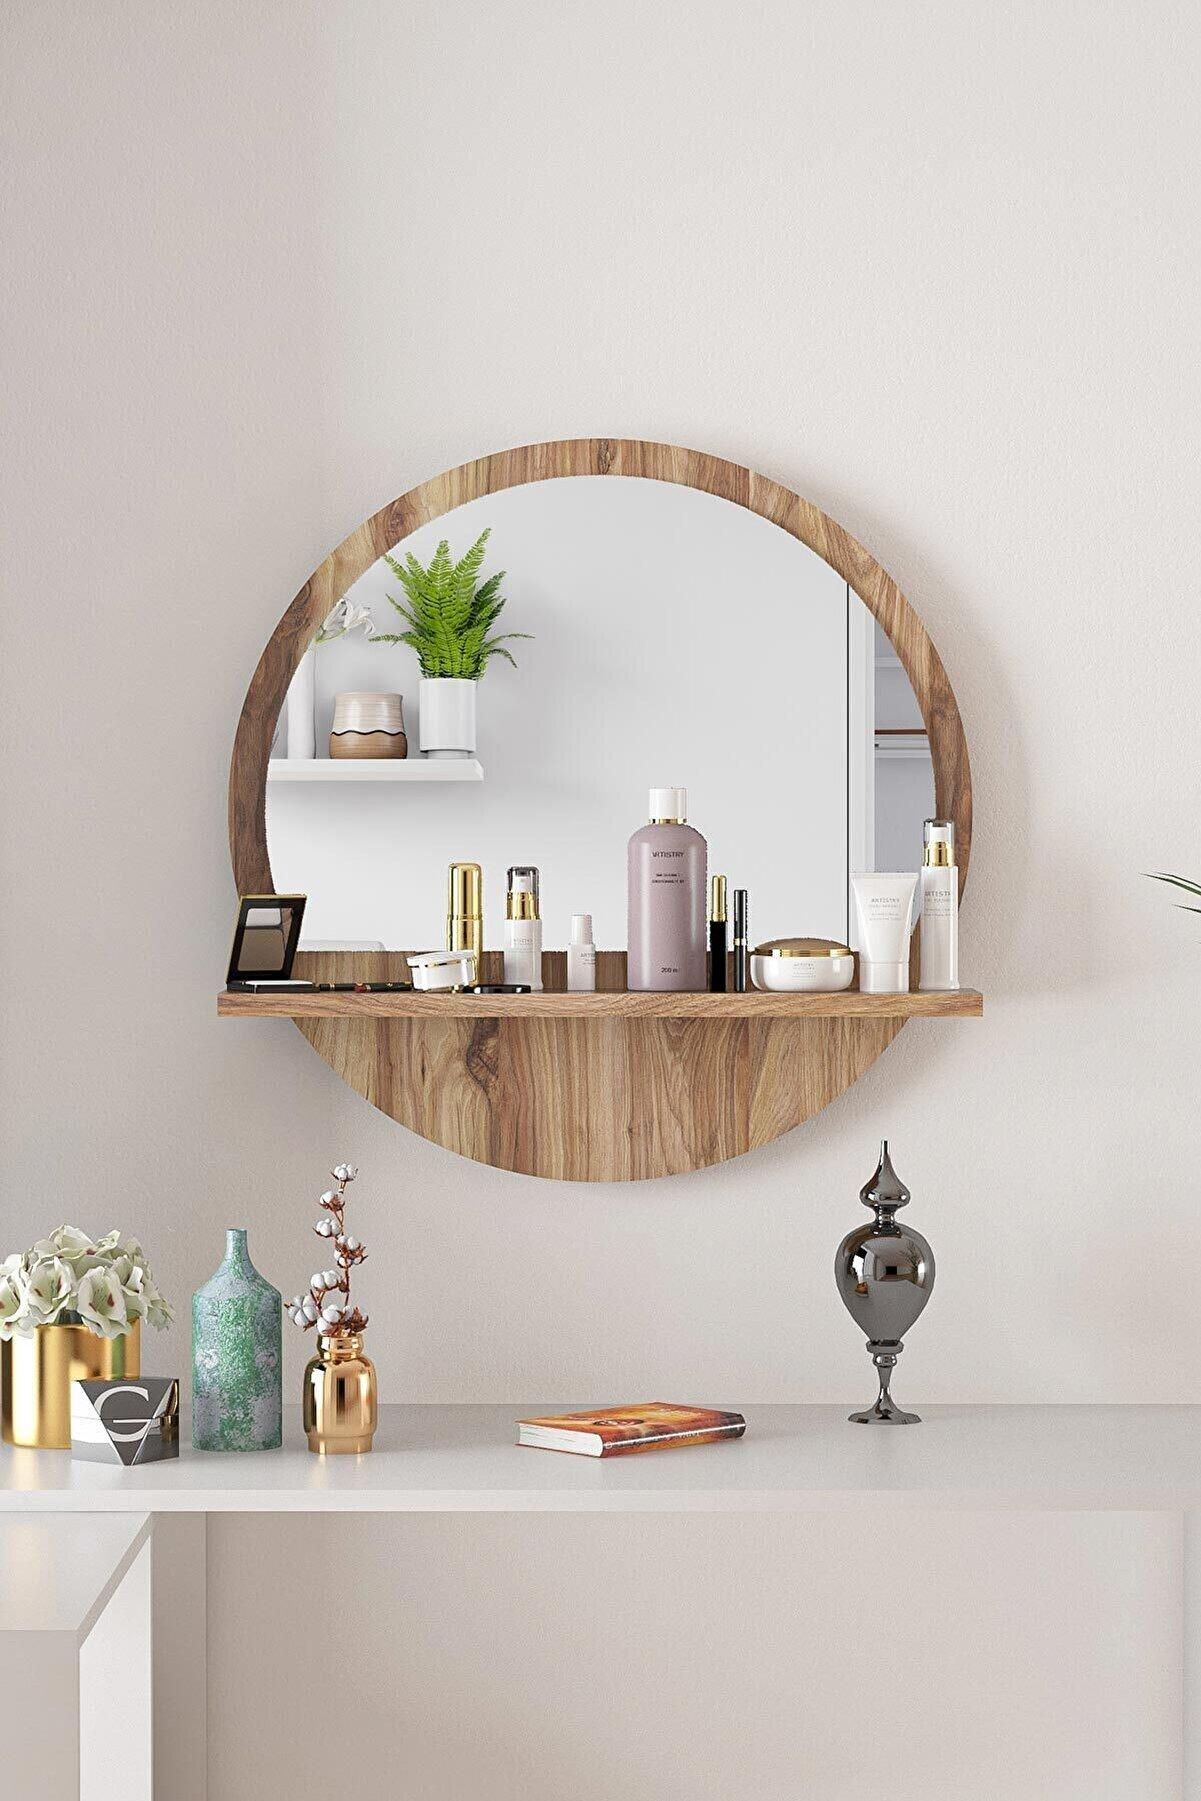 bluecape Yuvarlak Ceviz Raflı 45cm Ayna Koridor Dresuar Konsol Duvar Salon Mutfak Banyo Ofis Çocuk Yatak Oda